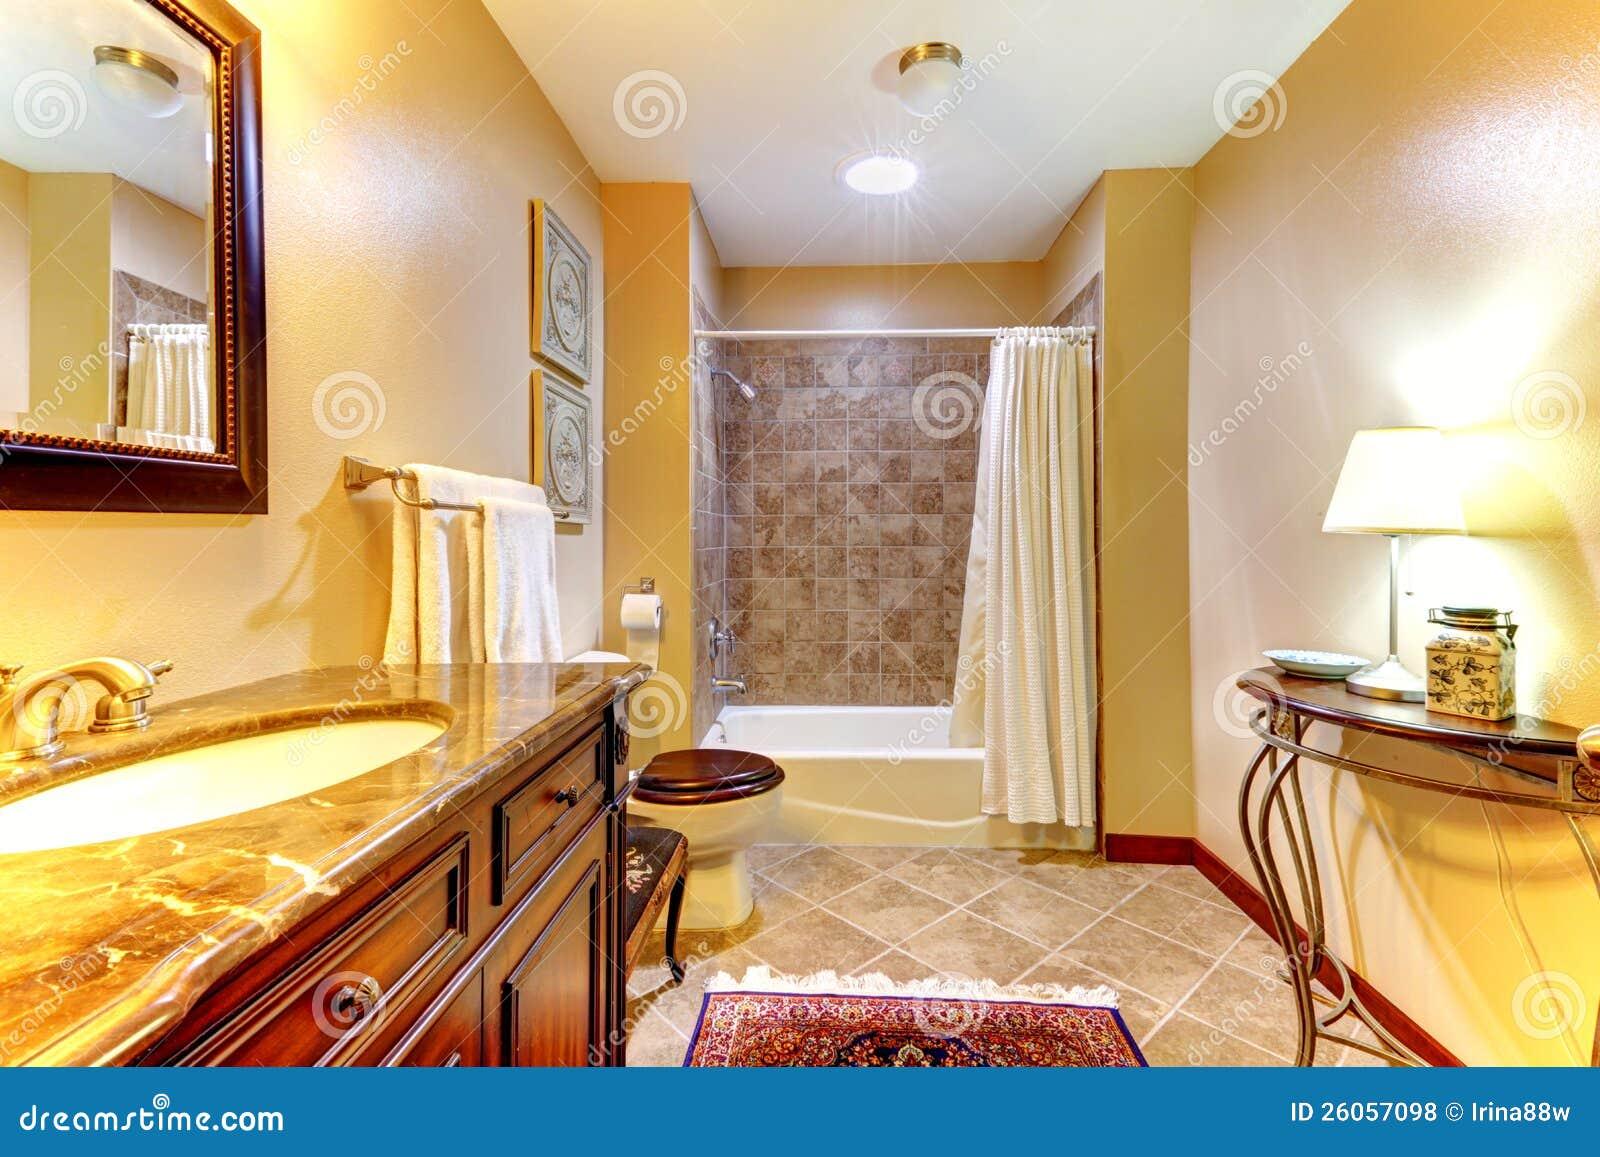 Goldenes Badezimmer Mit Braunen Fliesen Stockfoto - Bild von ...